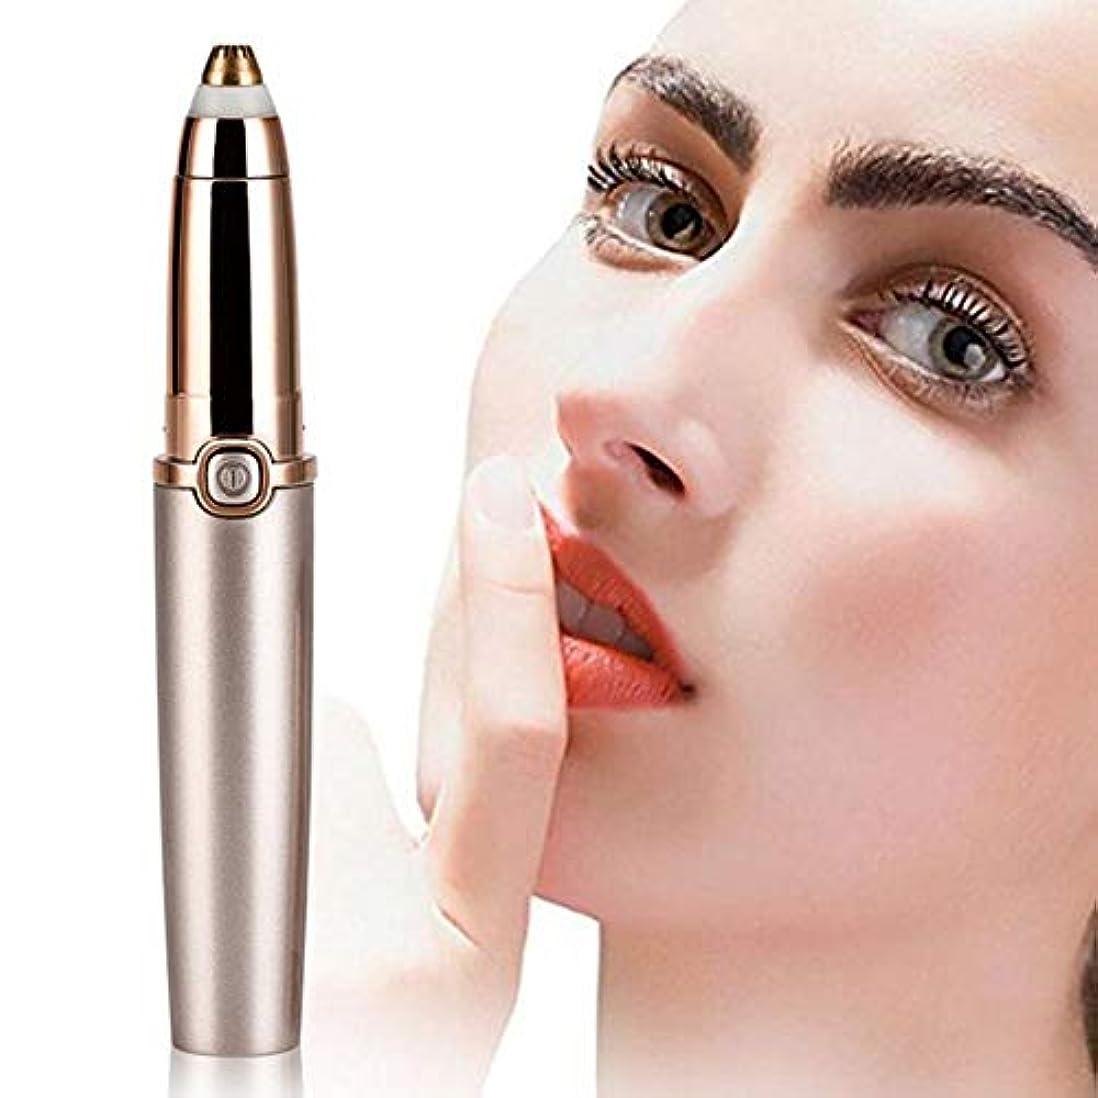 三十トラフィック競う眉毛リムーバー、ポータブル精密電動眉毛トリマー、眉毛除去かみそり痛みのない女性のためのトリマー